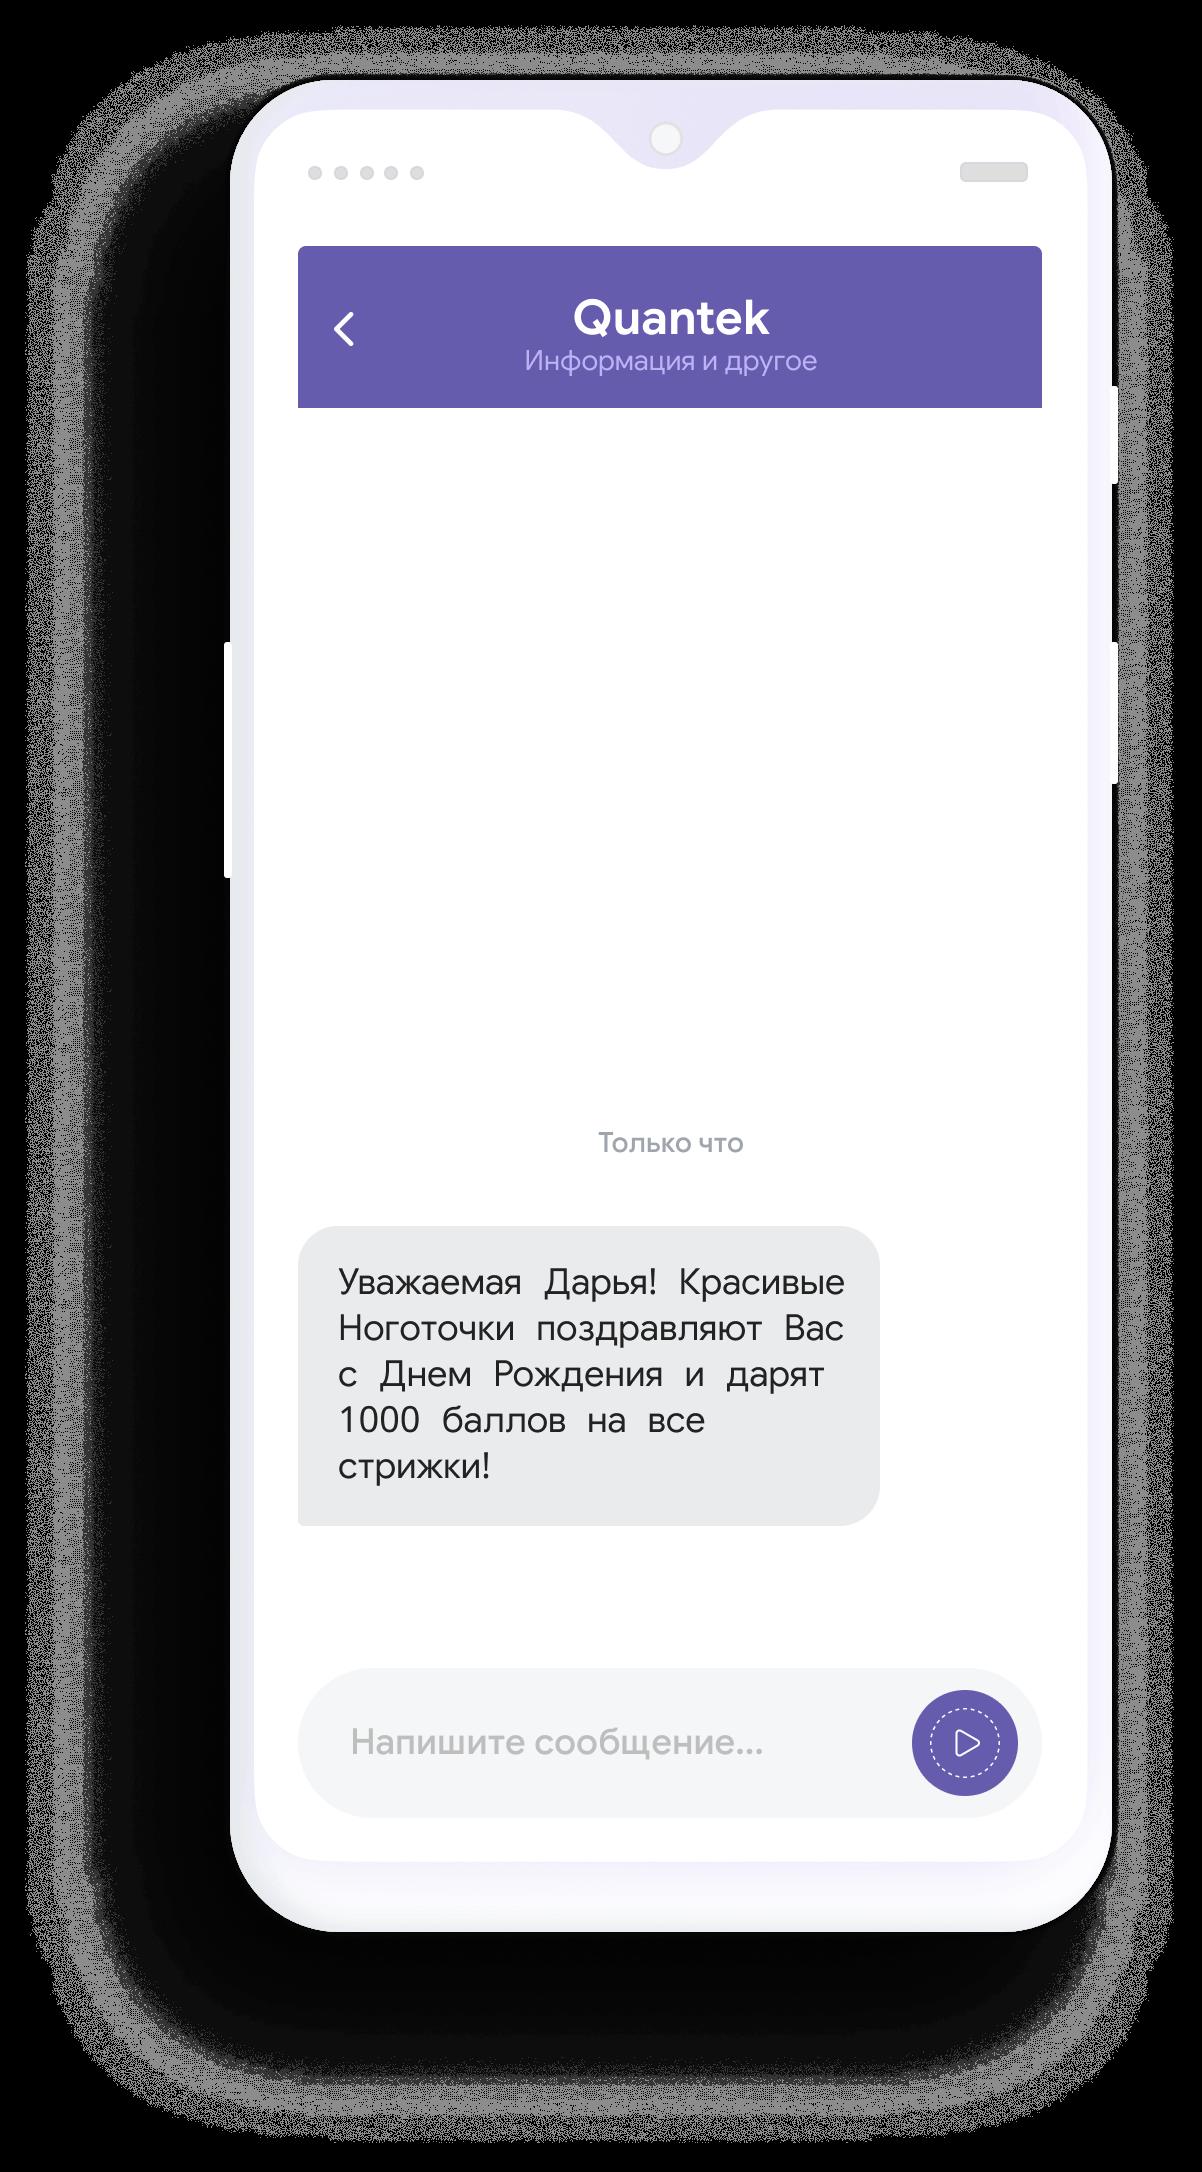 salony-krasoty-sms-rassylka